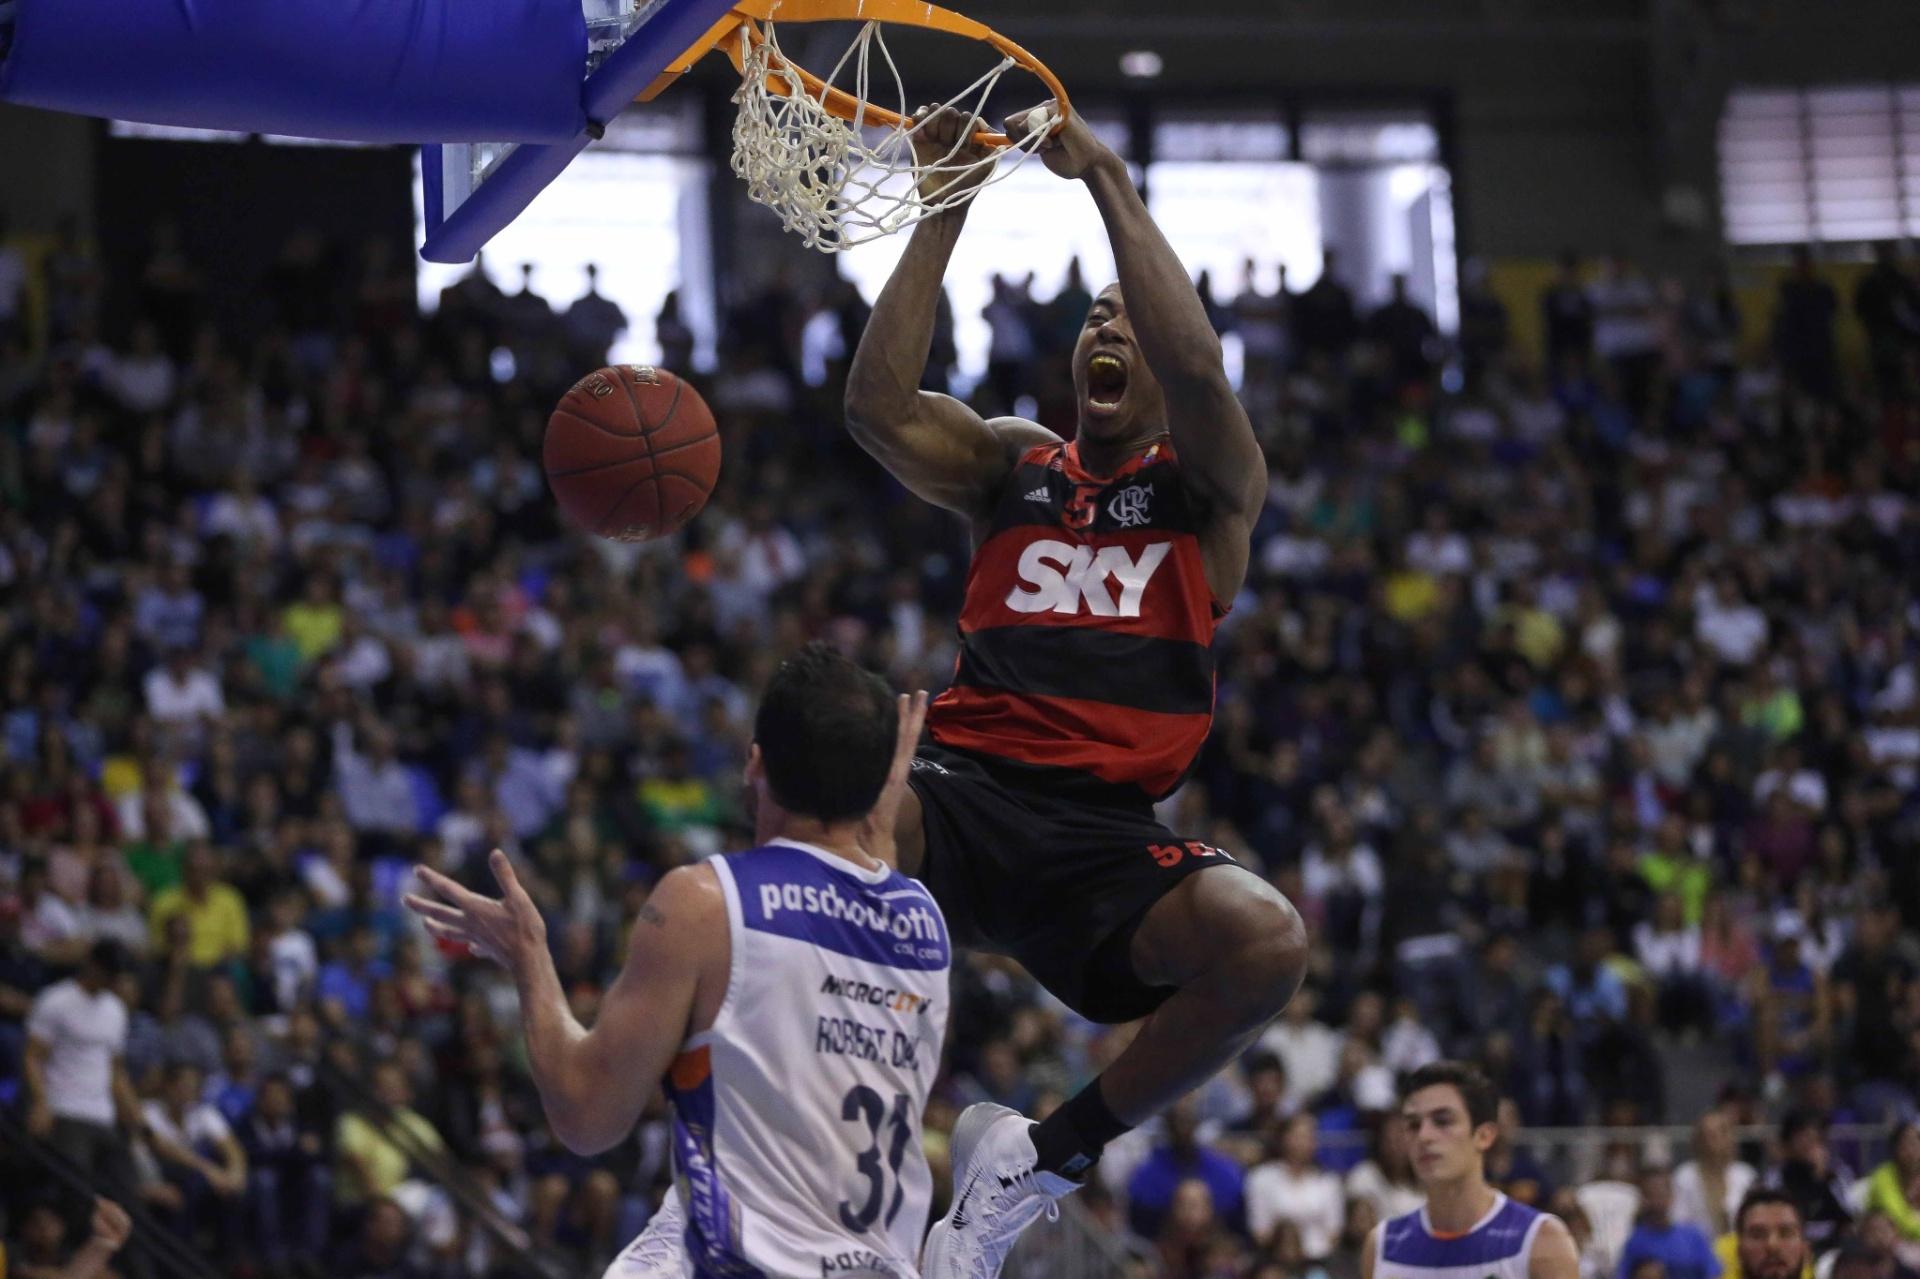 Meyinsse converte enterrada para o Flamengo na vitória sobre o Bauru na decisão do NBB